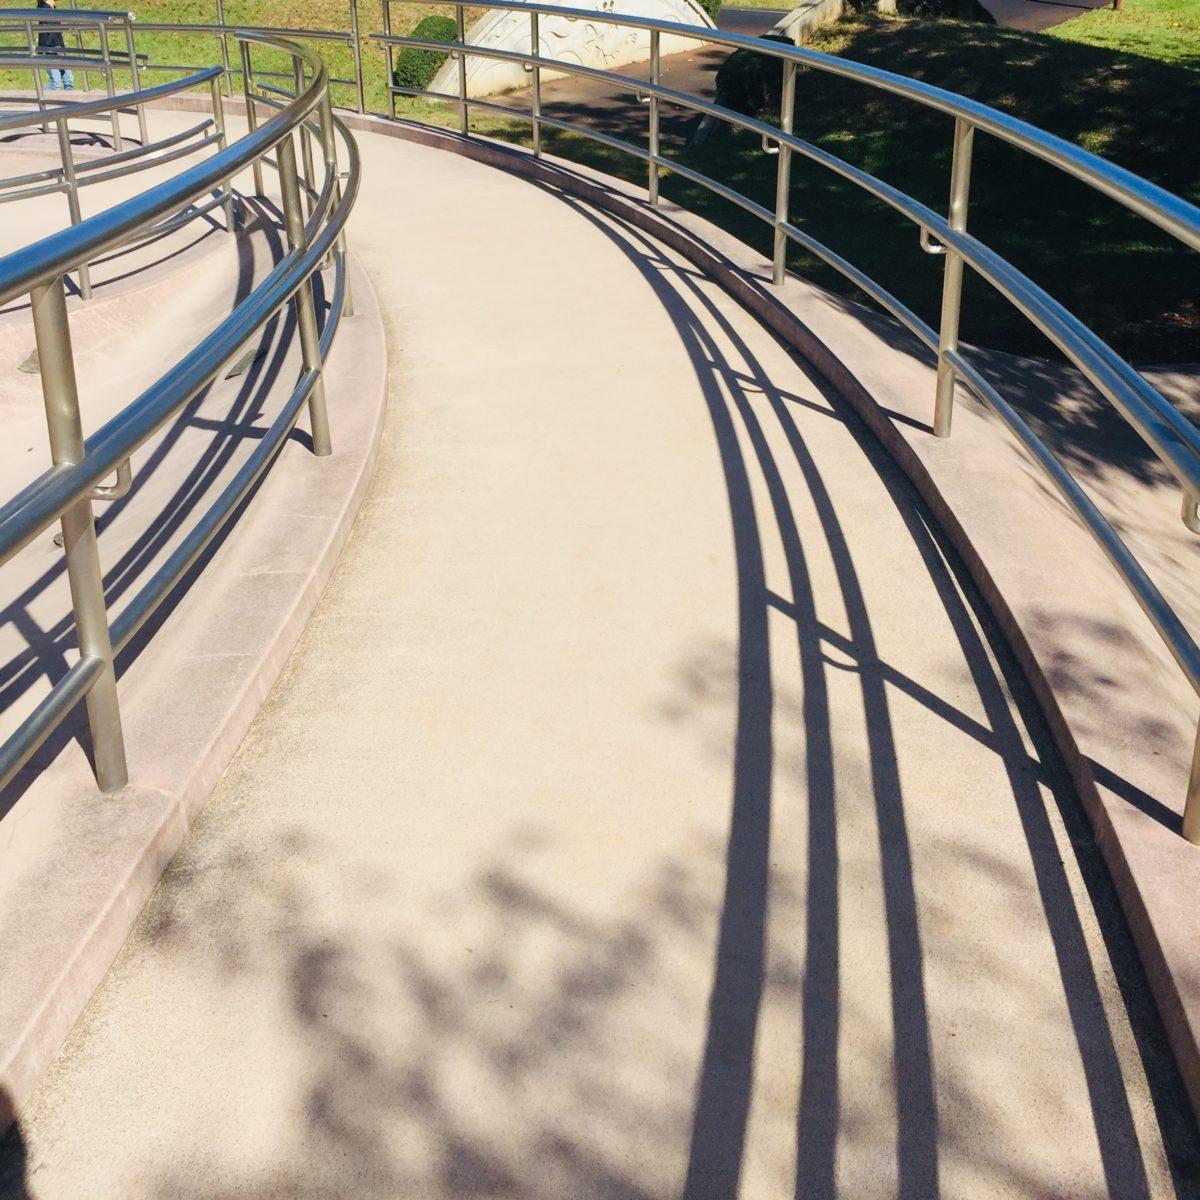 赤坂台総合公園にある滑り台のスロープ